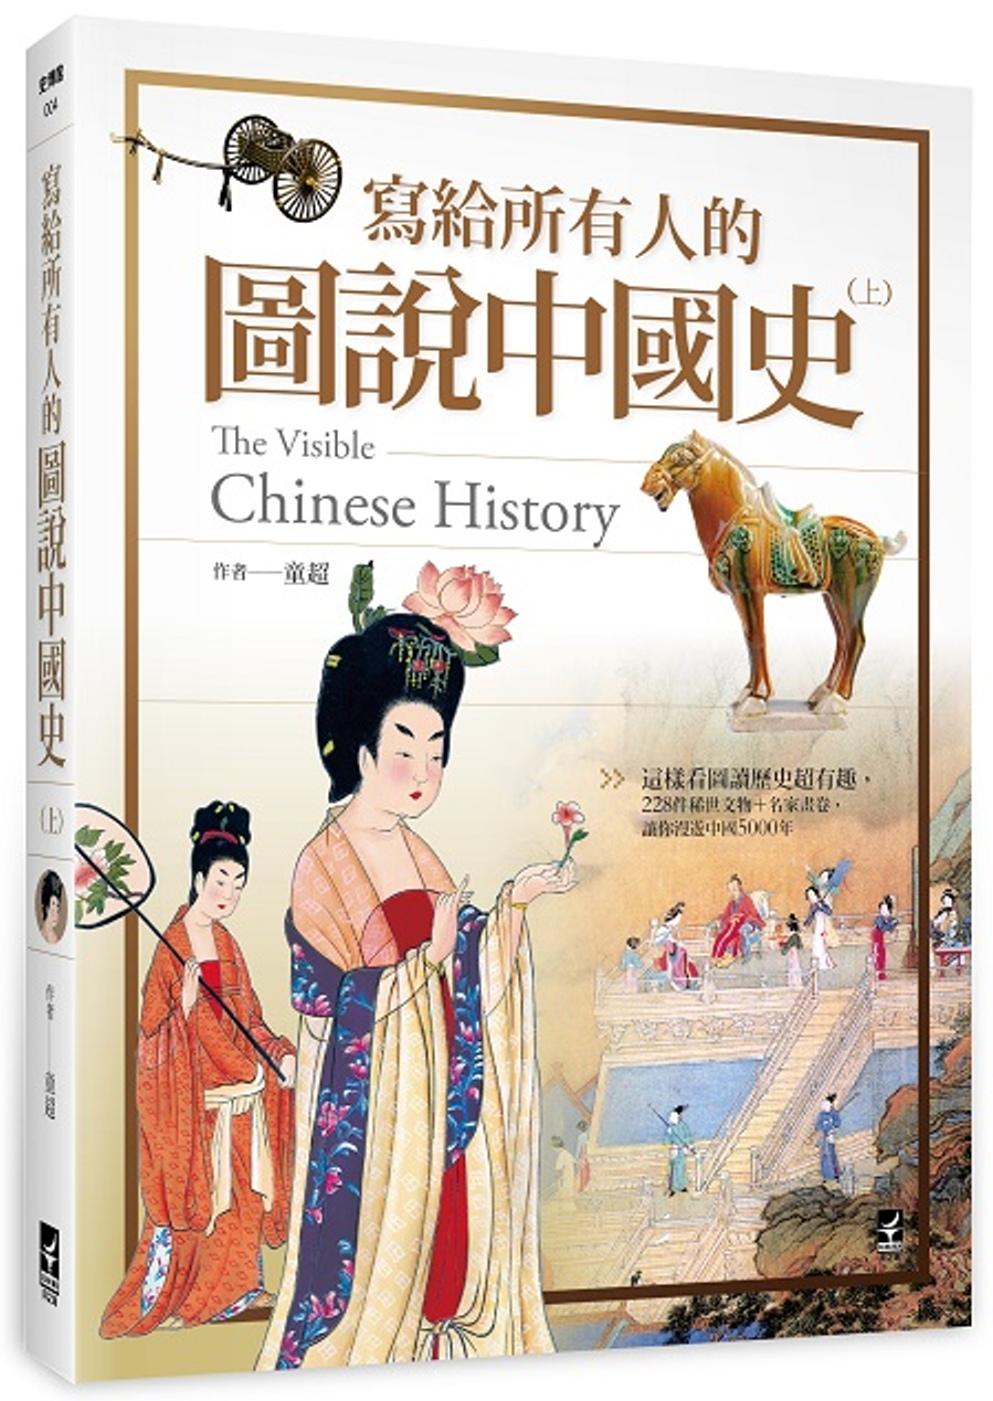 寫給所有人的圖說中國史(上):這樣看圖讀歷史超有趣,228件稀世文物 名家畫卷,讓你漫遊中國5000年